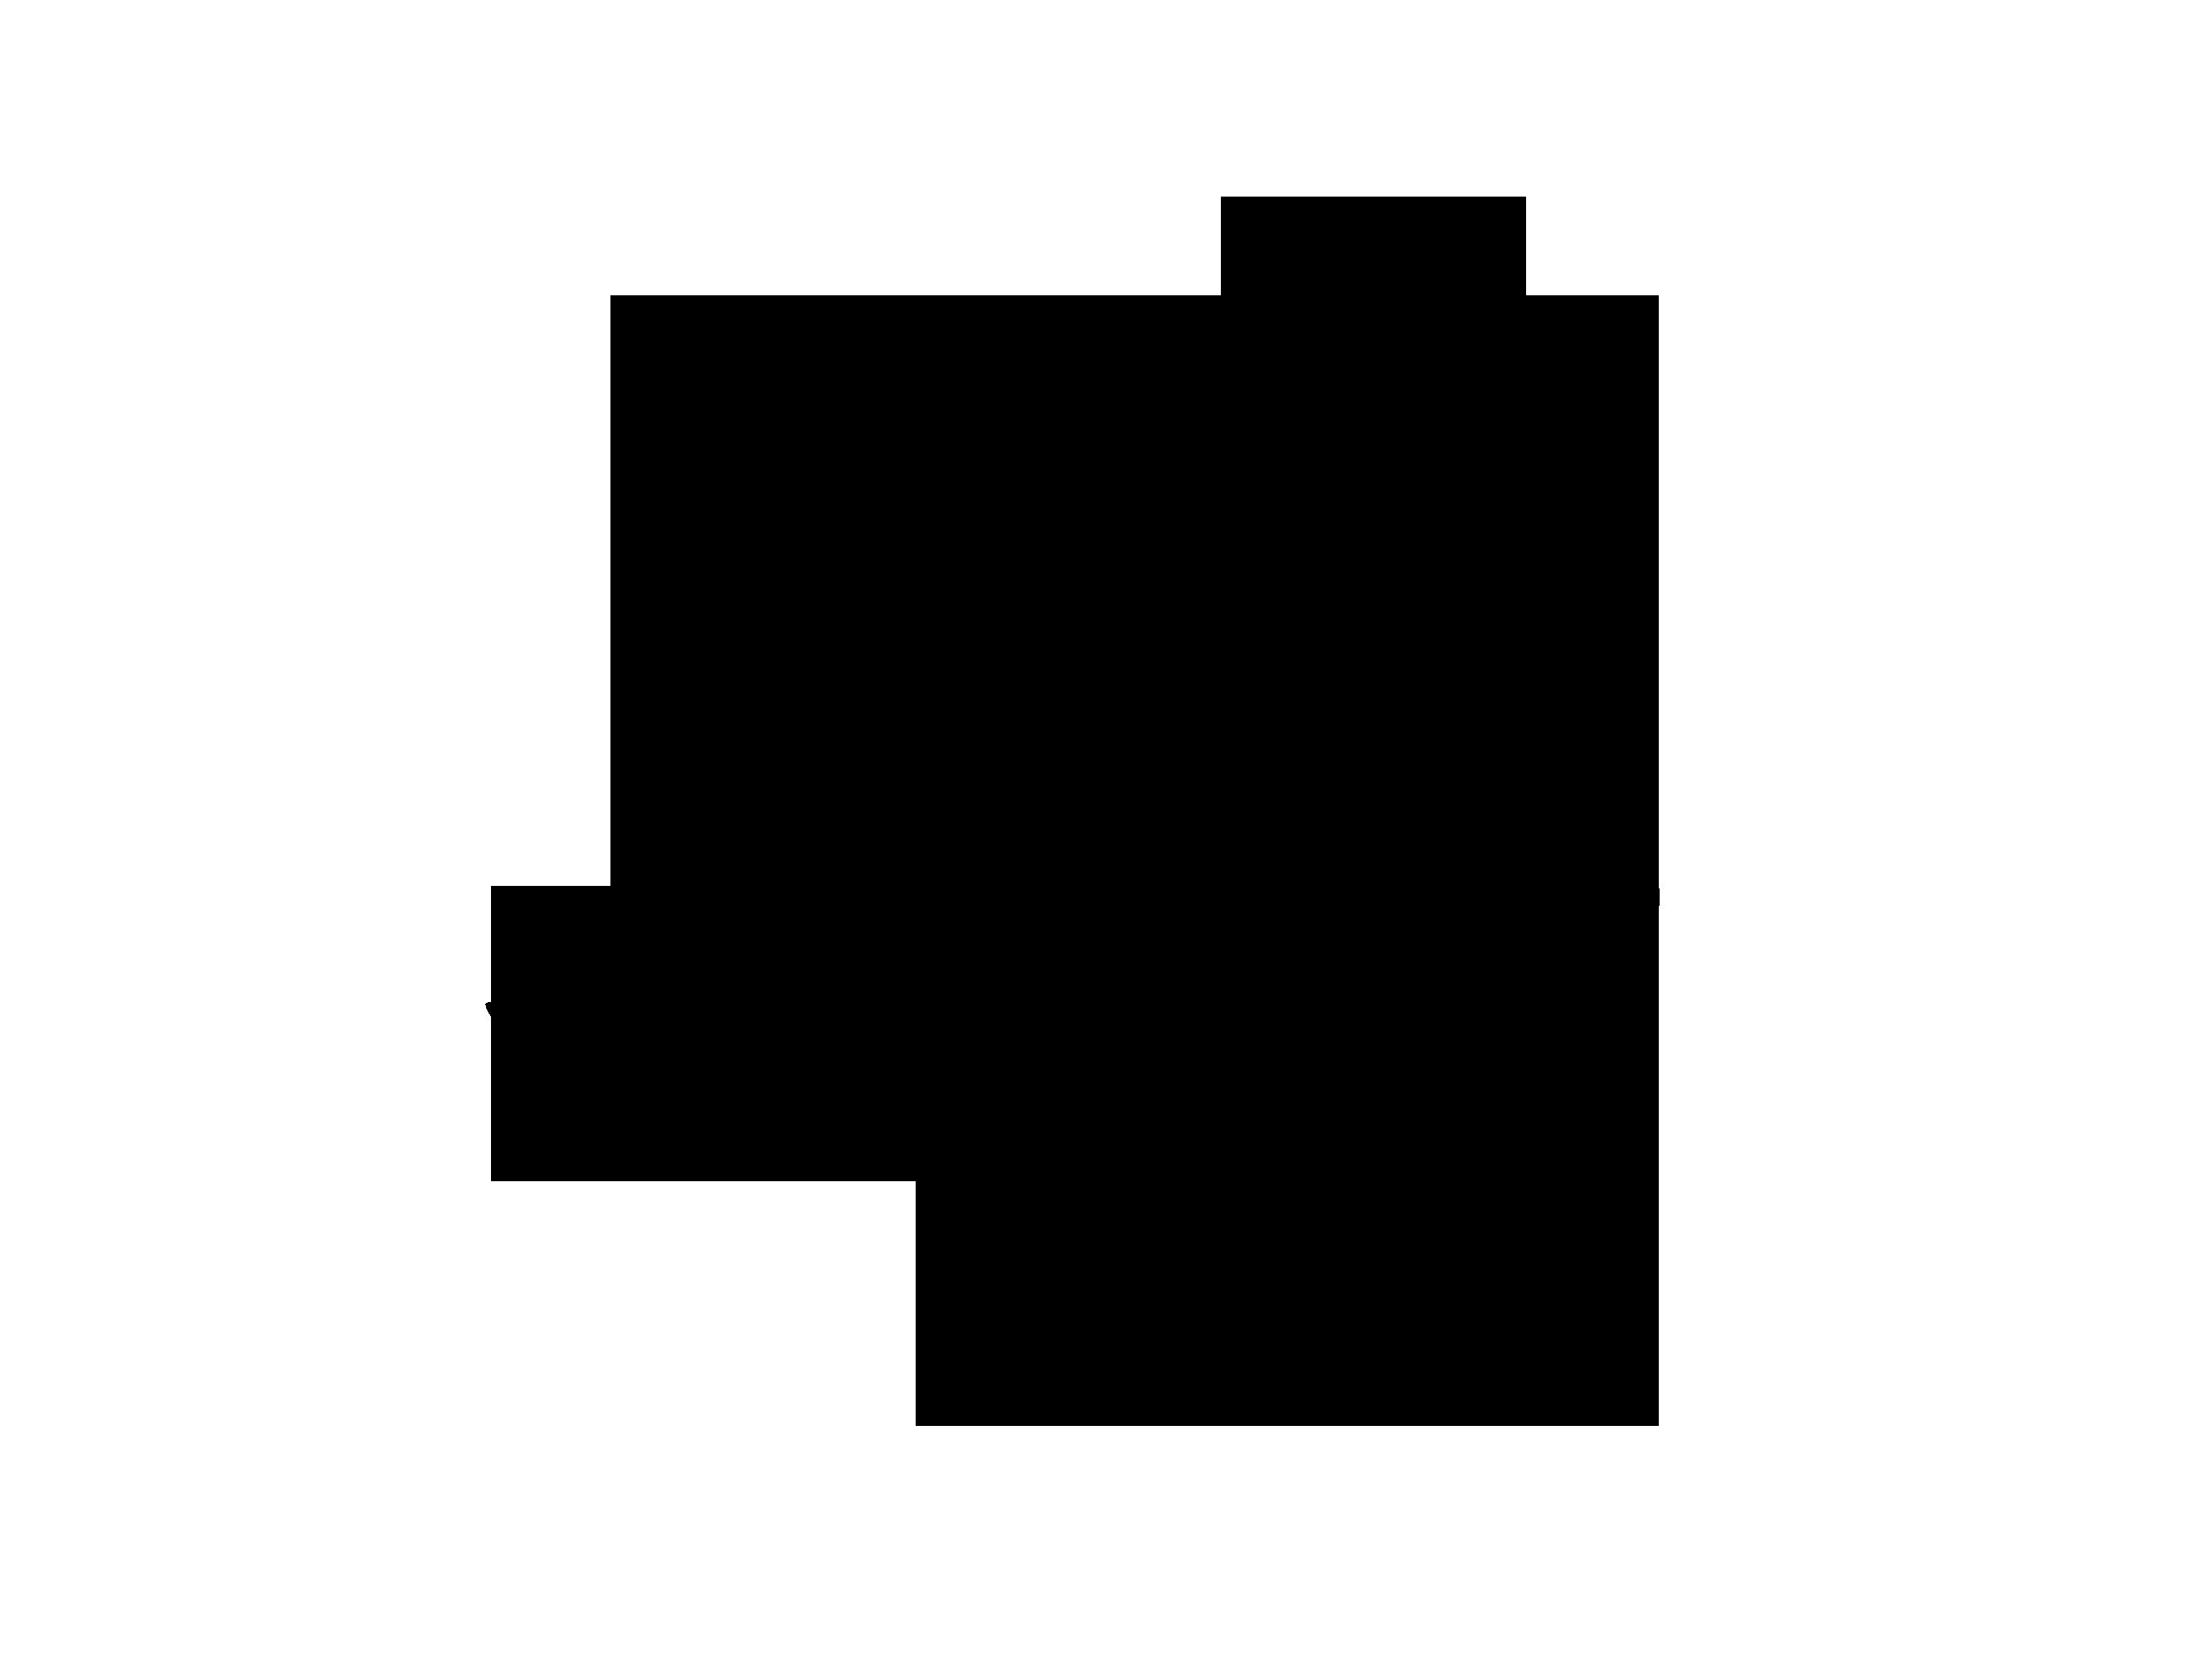 ramas-negro